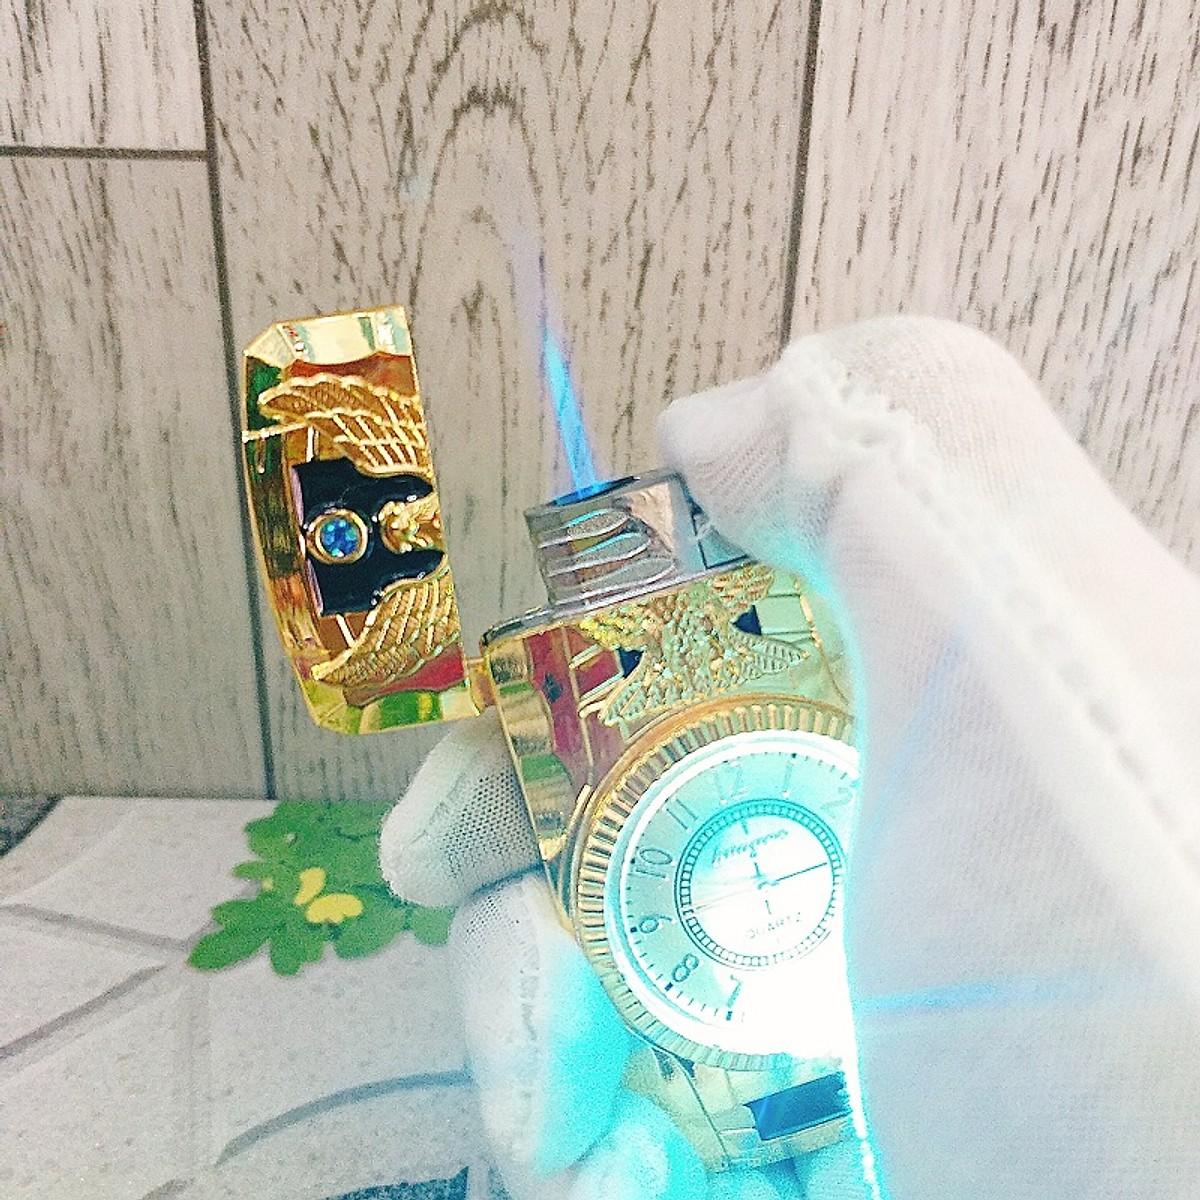 Combo Hộp Quẹt Bật Lửa Gas Khò Kiêm Đồng Hồ Đèn Led Hình Đại Bàng In Nổi + Tặng Tai Nghe Bluetooth BT01 Kiểu Dáng Thể Thao